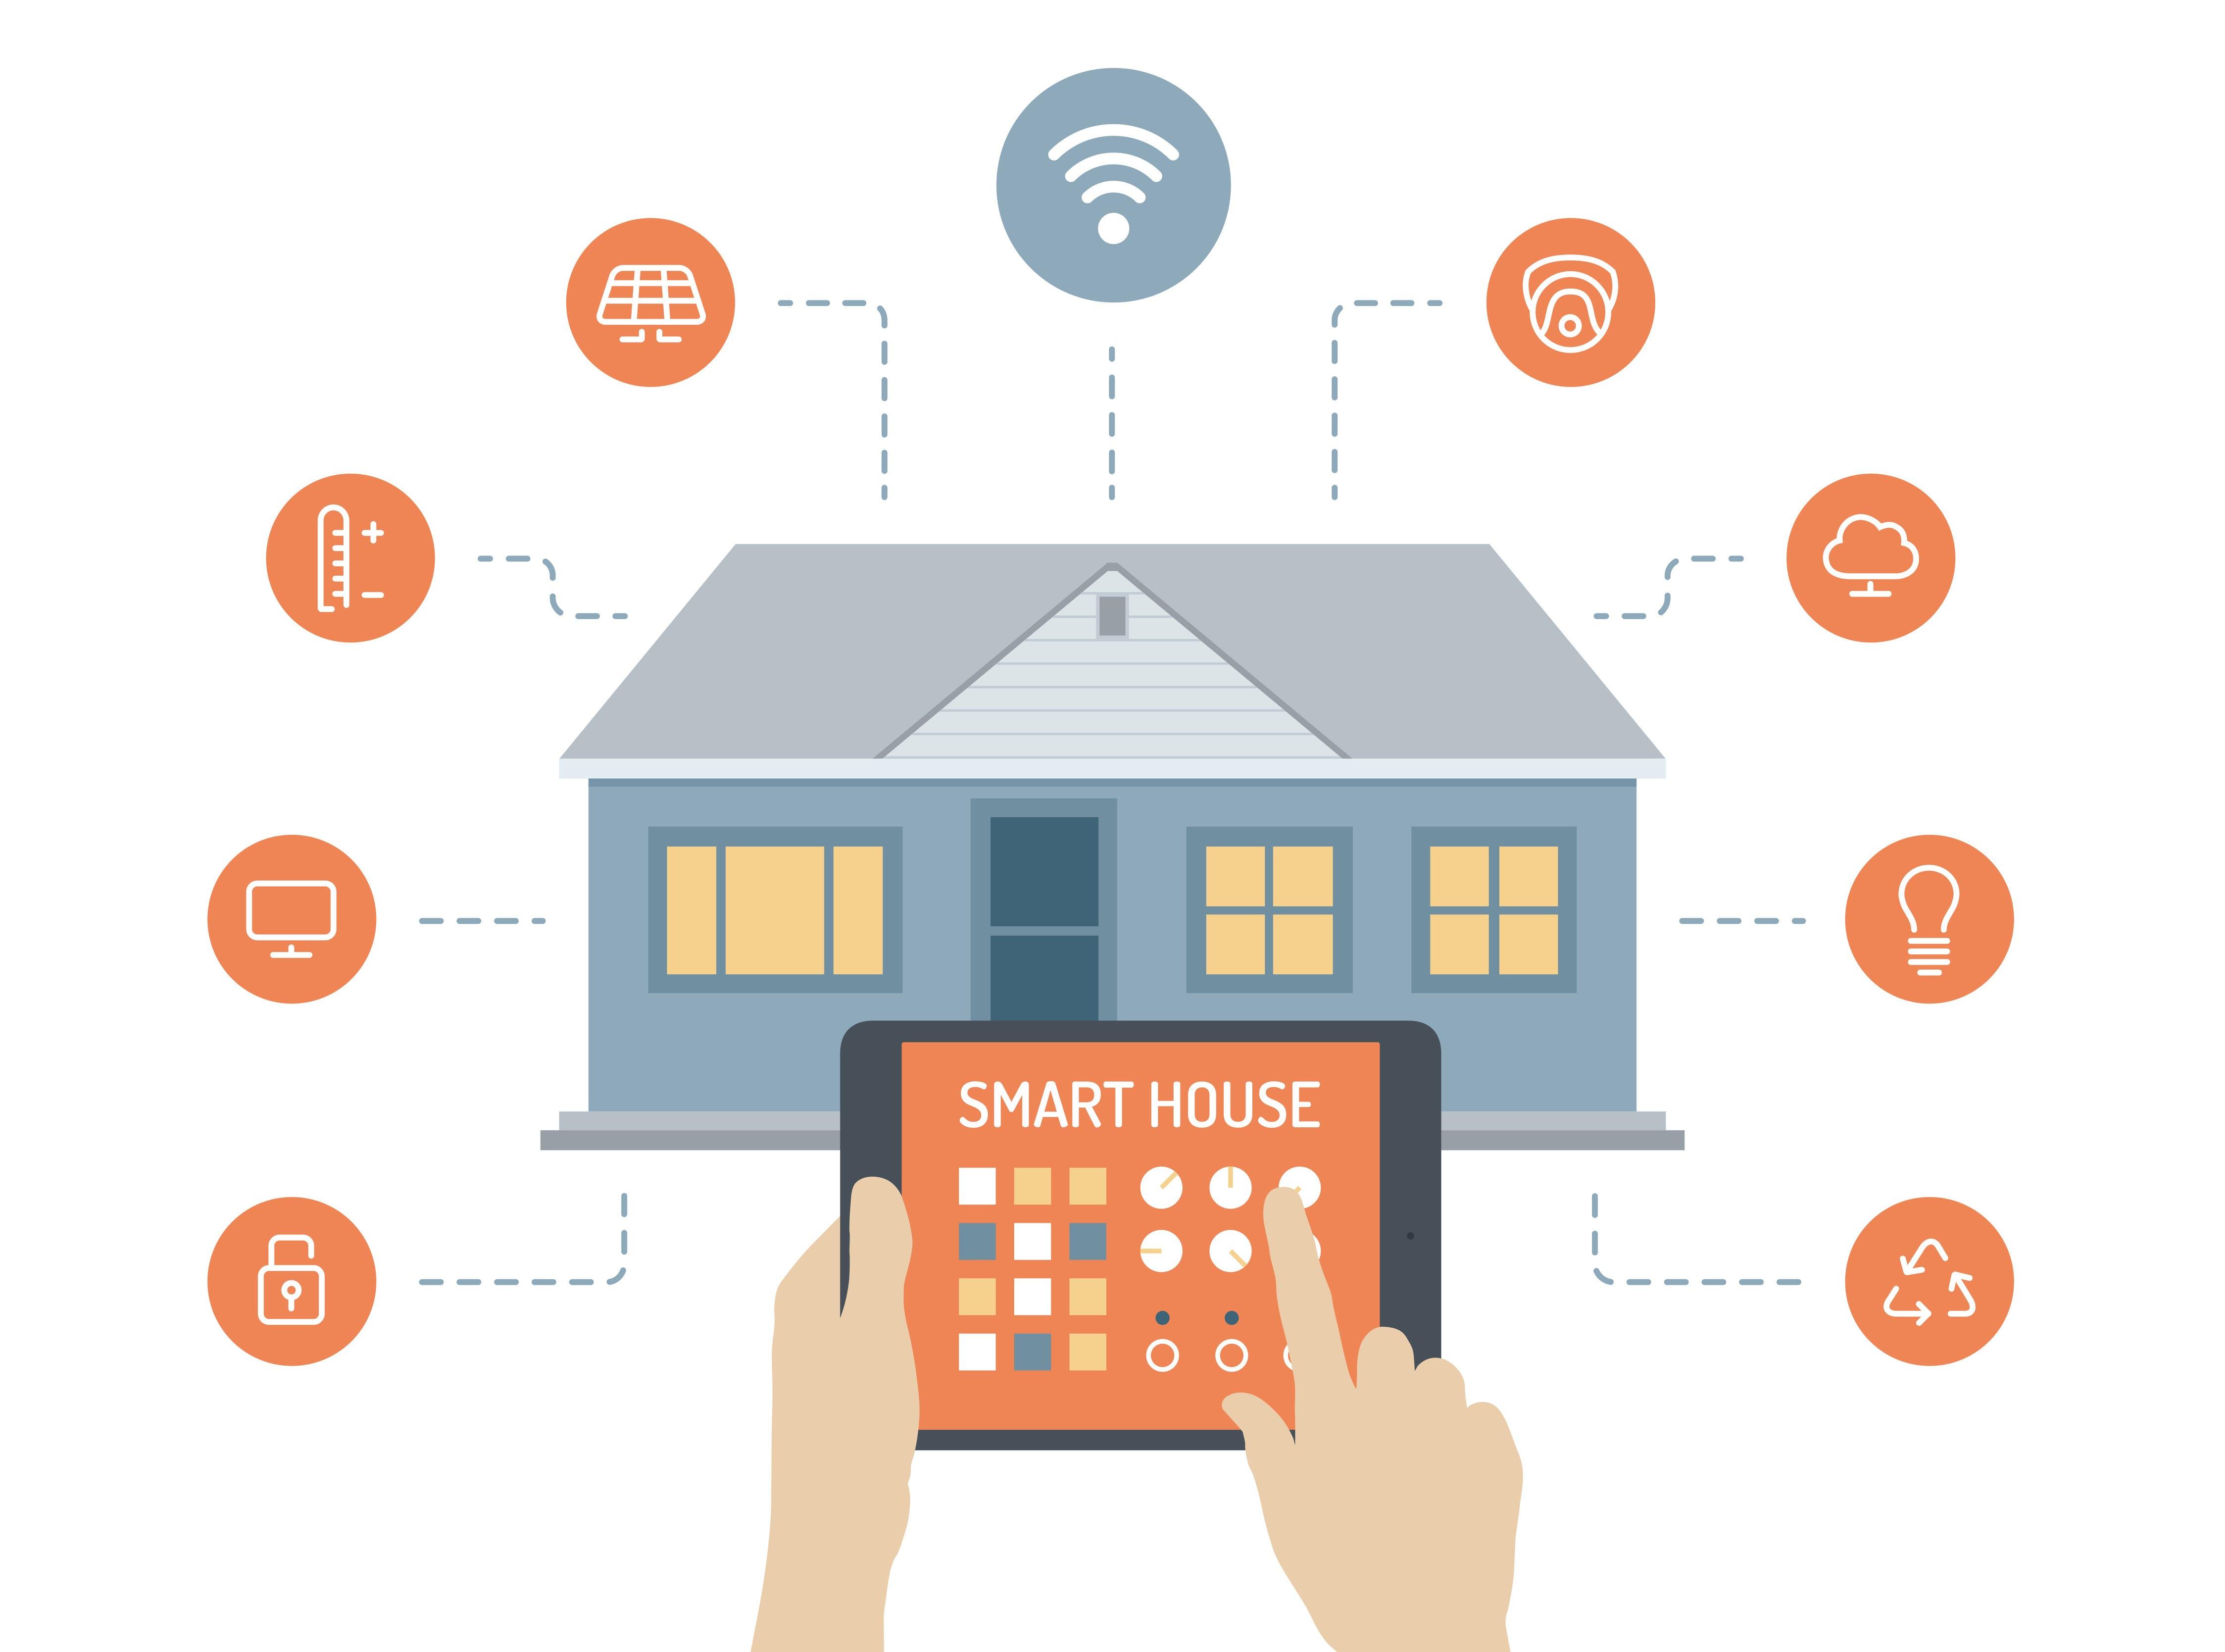 خانه هوشمند خرید از آمازون